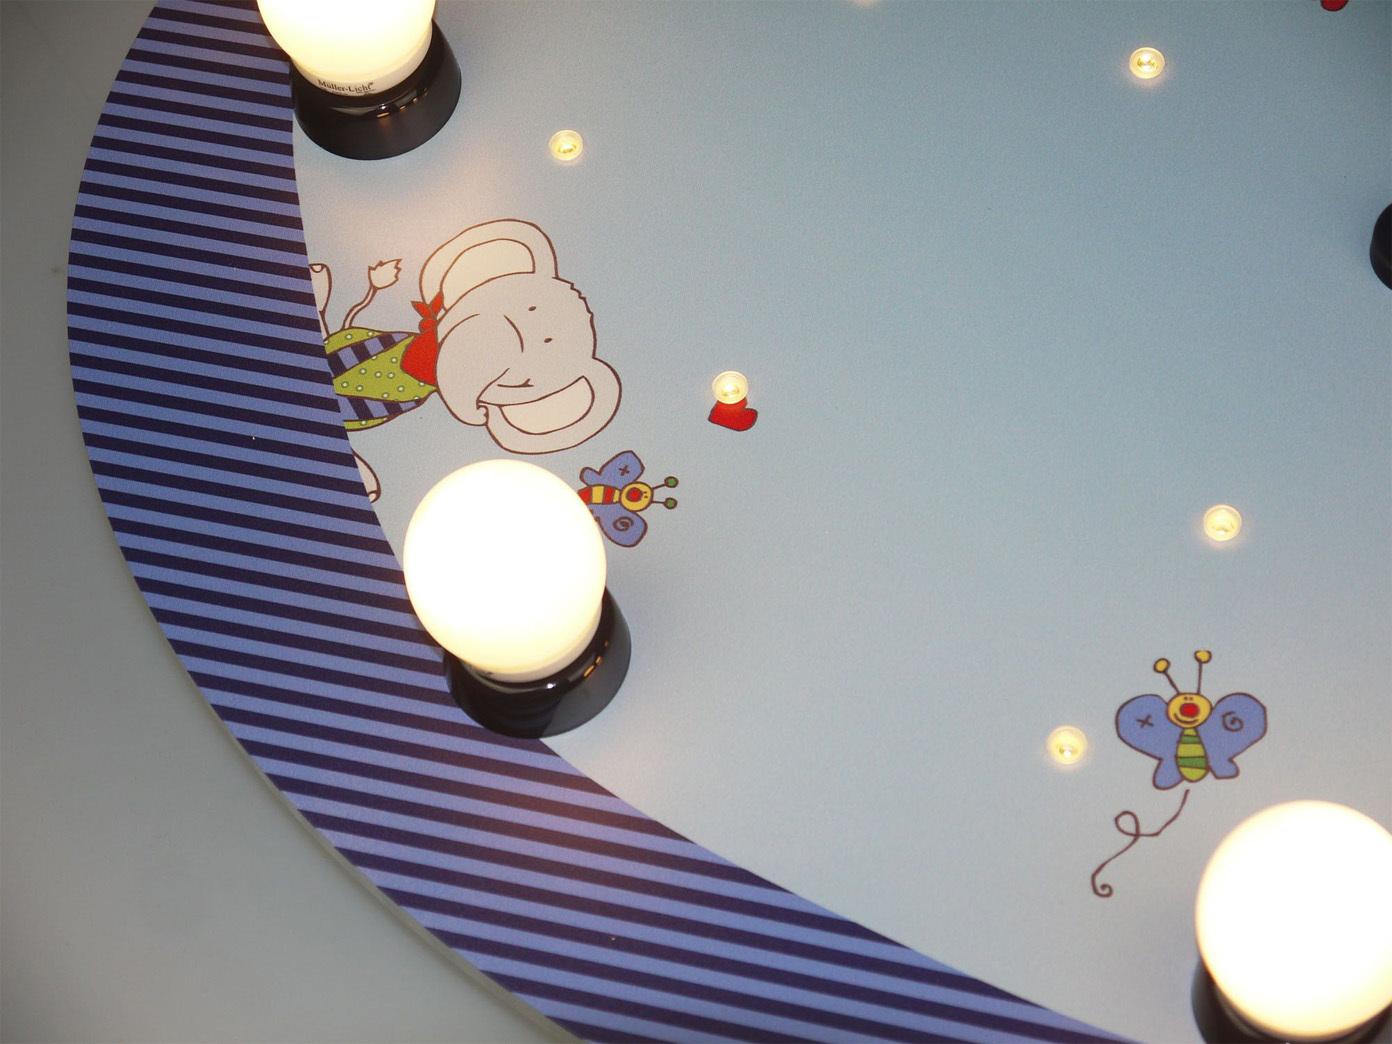 Deckenlampe Mit Zugschalter ~ Led deckenleuchte rund zugschalter led schlummerlicht alexa